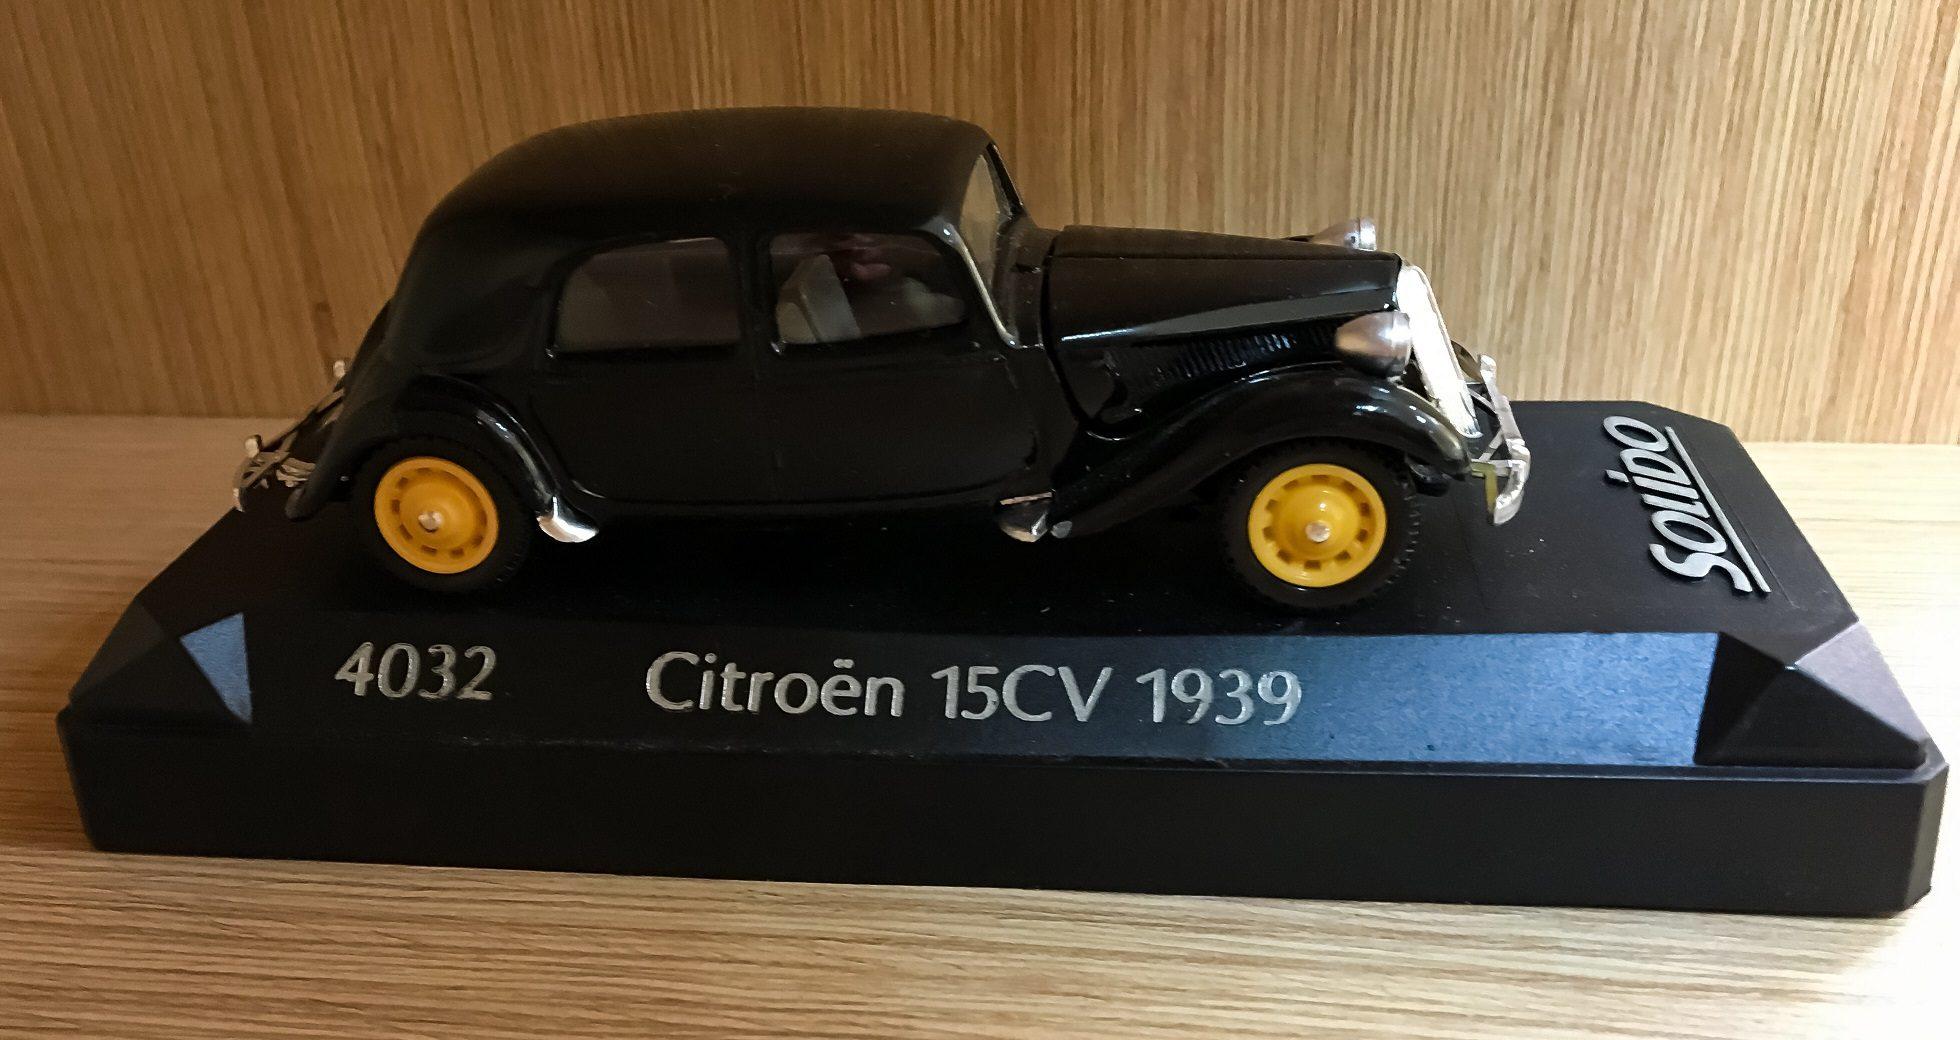 Выставка «Автомобиль в миниатюре» в музее «Московский транспорт» – события на сайте «Московские Сезоны»